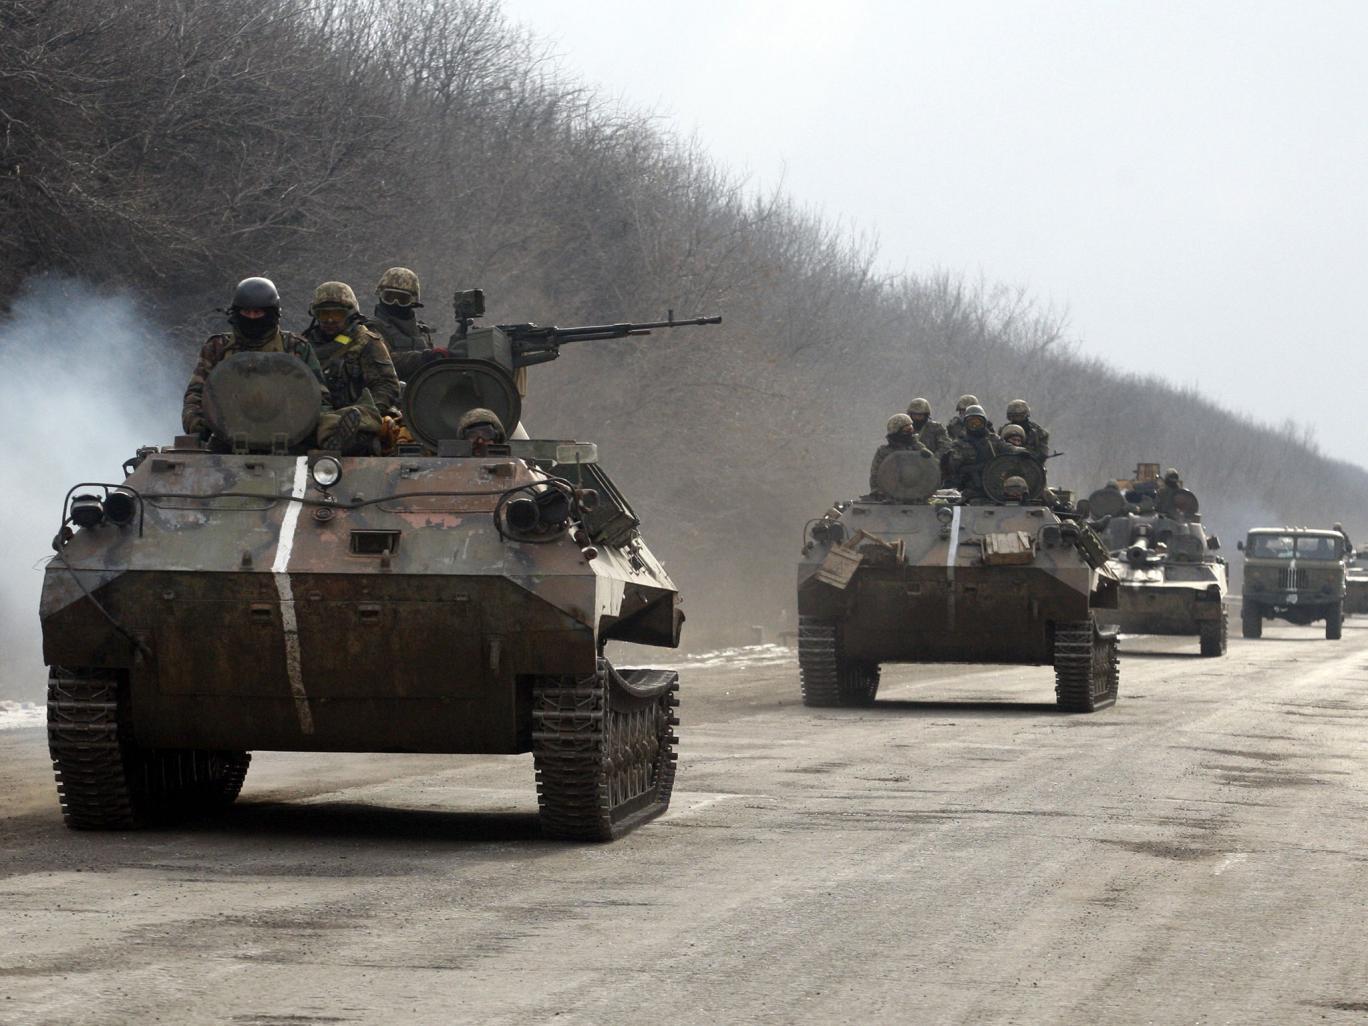 Повідомлення газети The Independent про участь українських військових у боротьбі з ISIS в Сирії - фейк